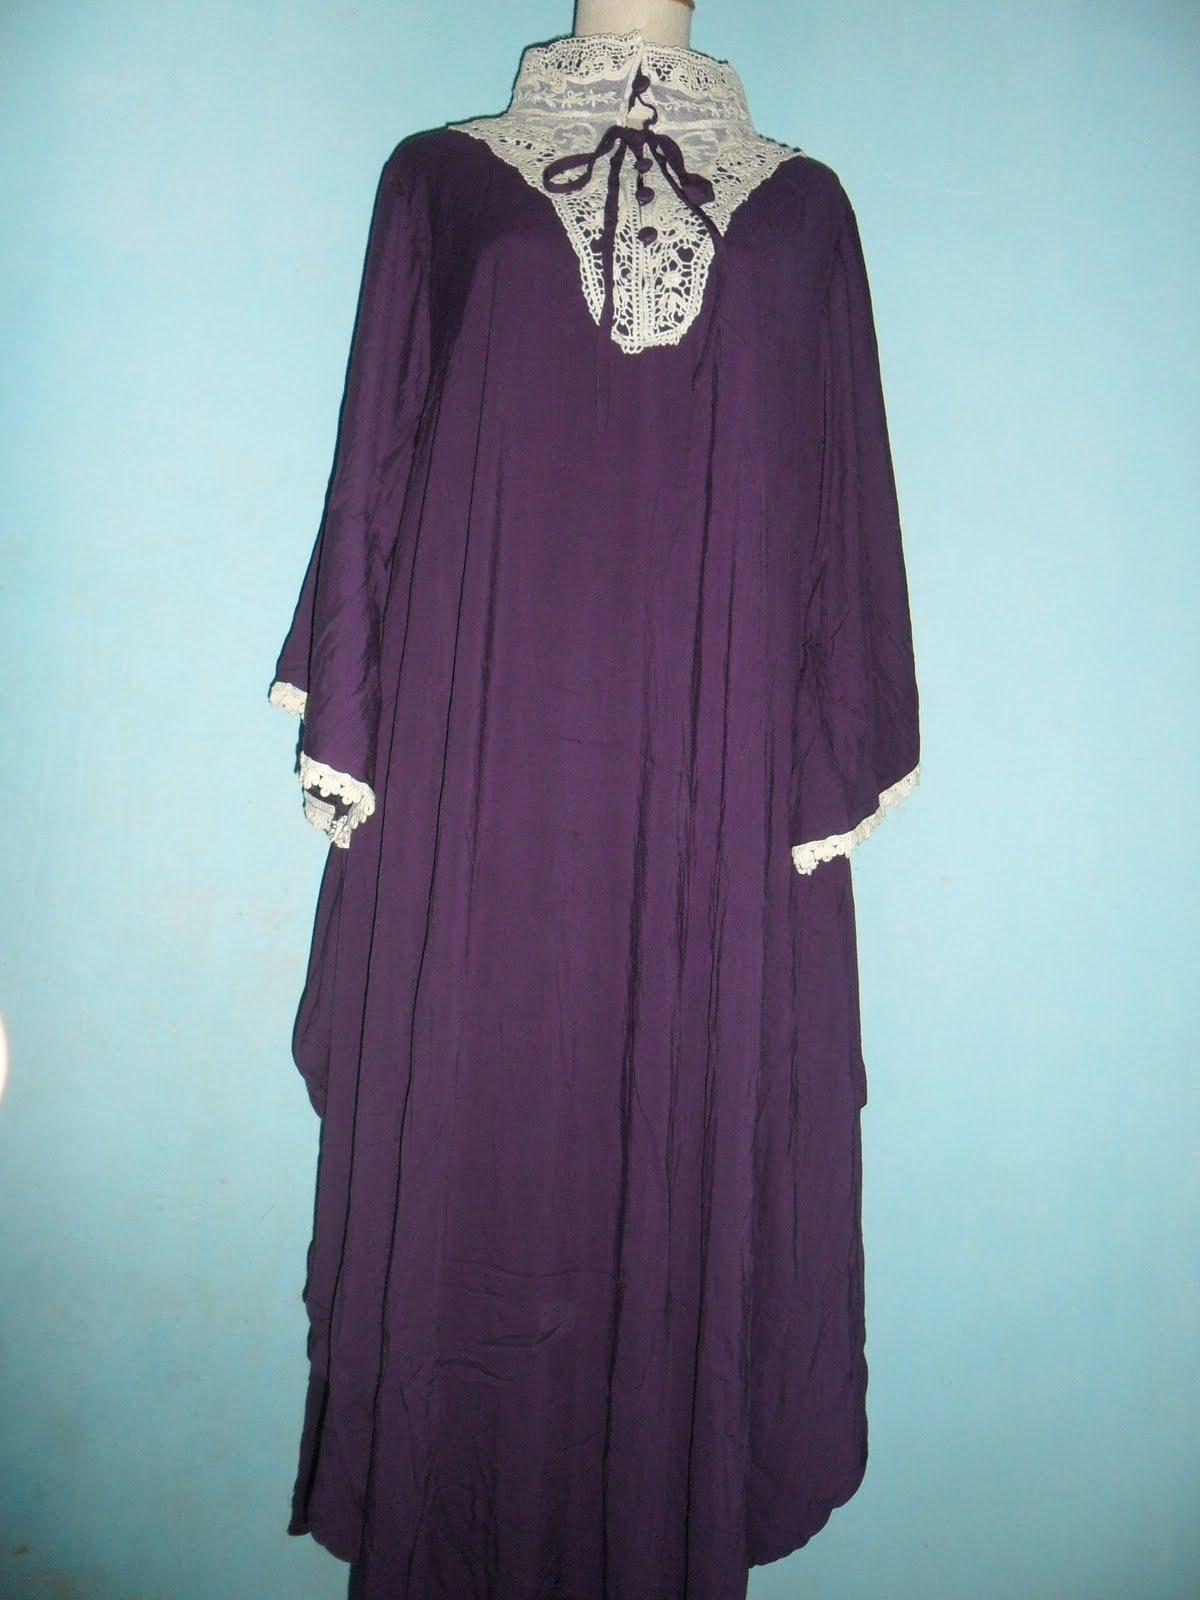 Baju Muslim Baju Anak Kaos Anak Baju Gamis Pakaian Wanita